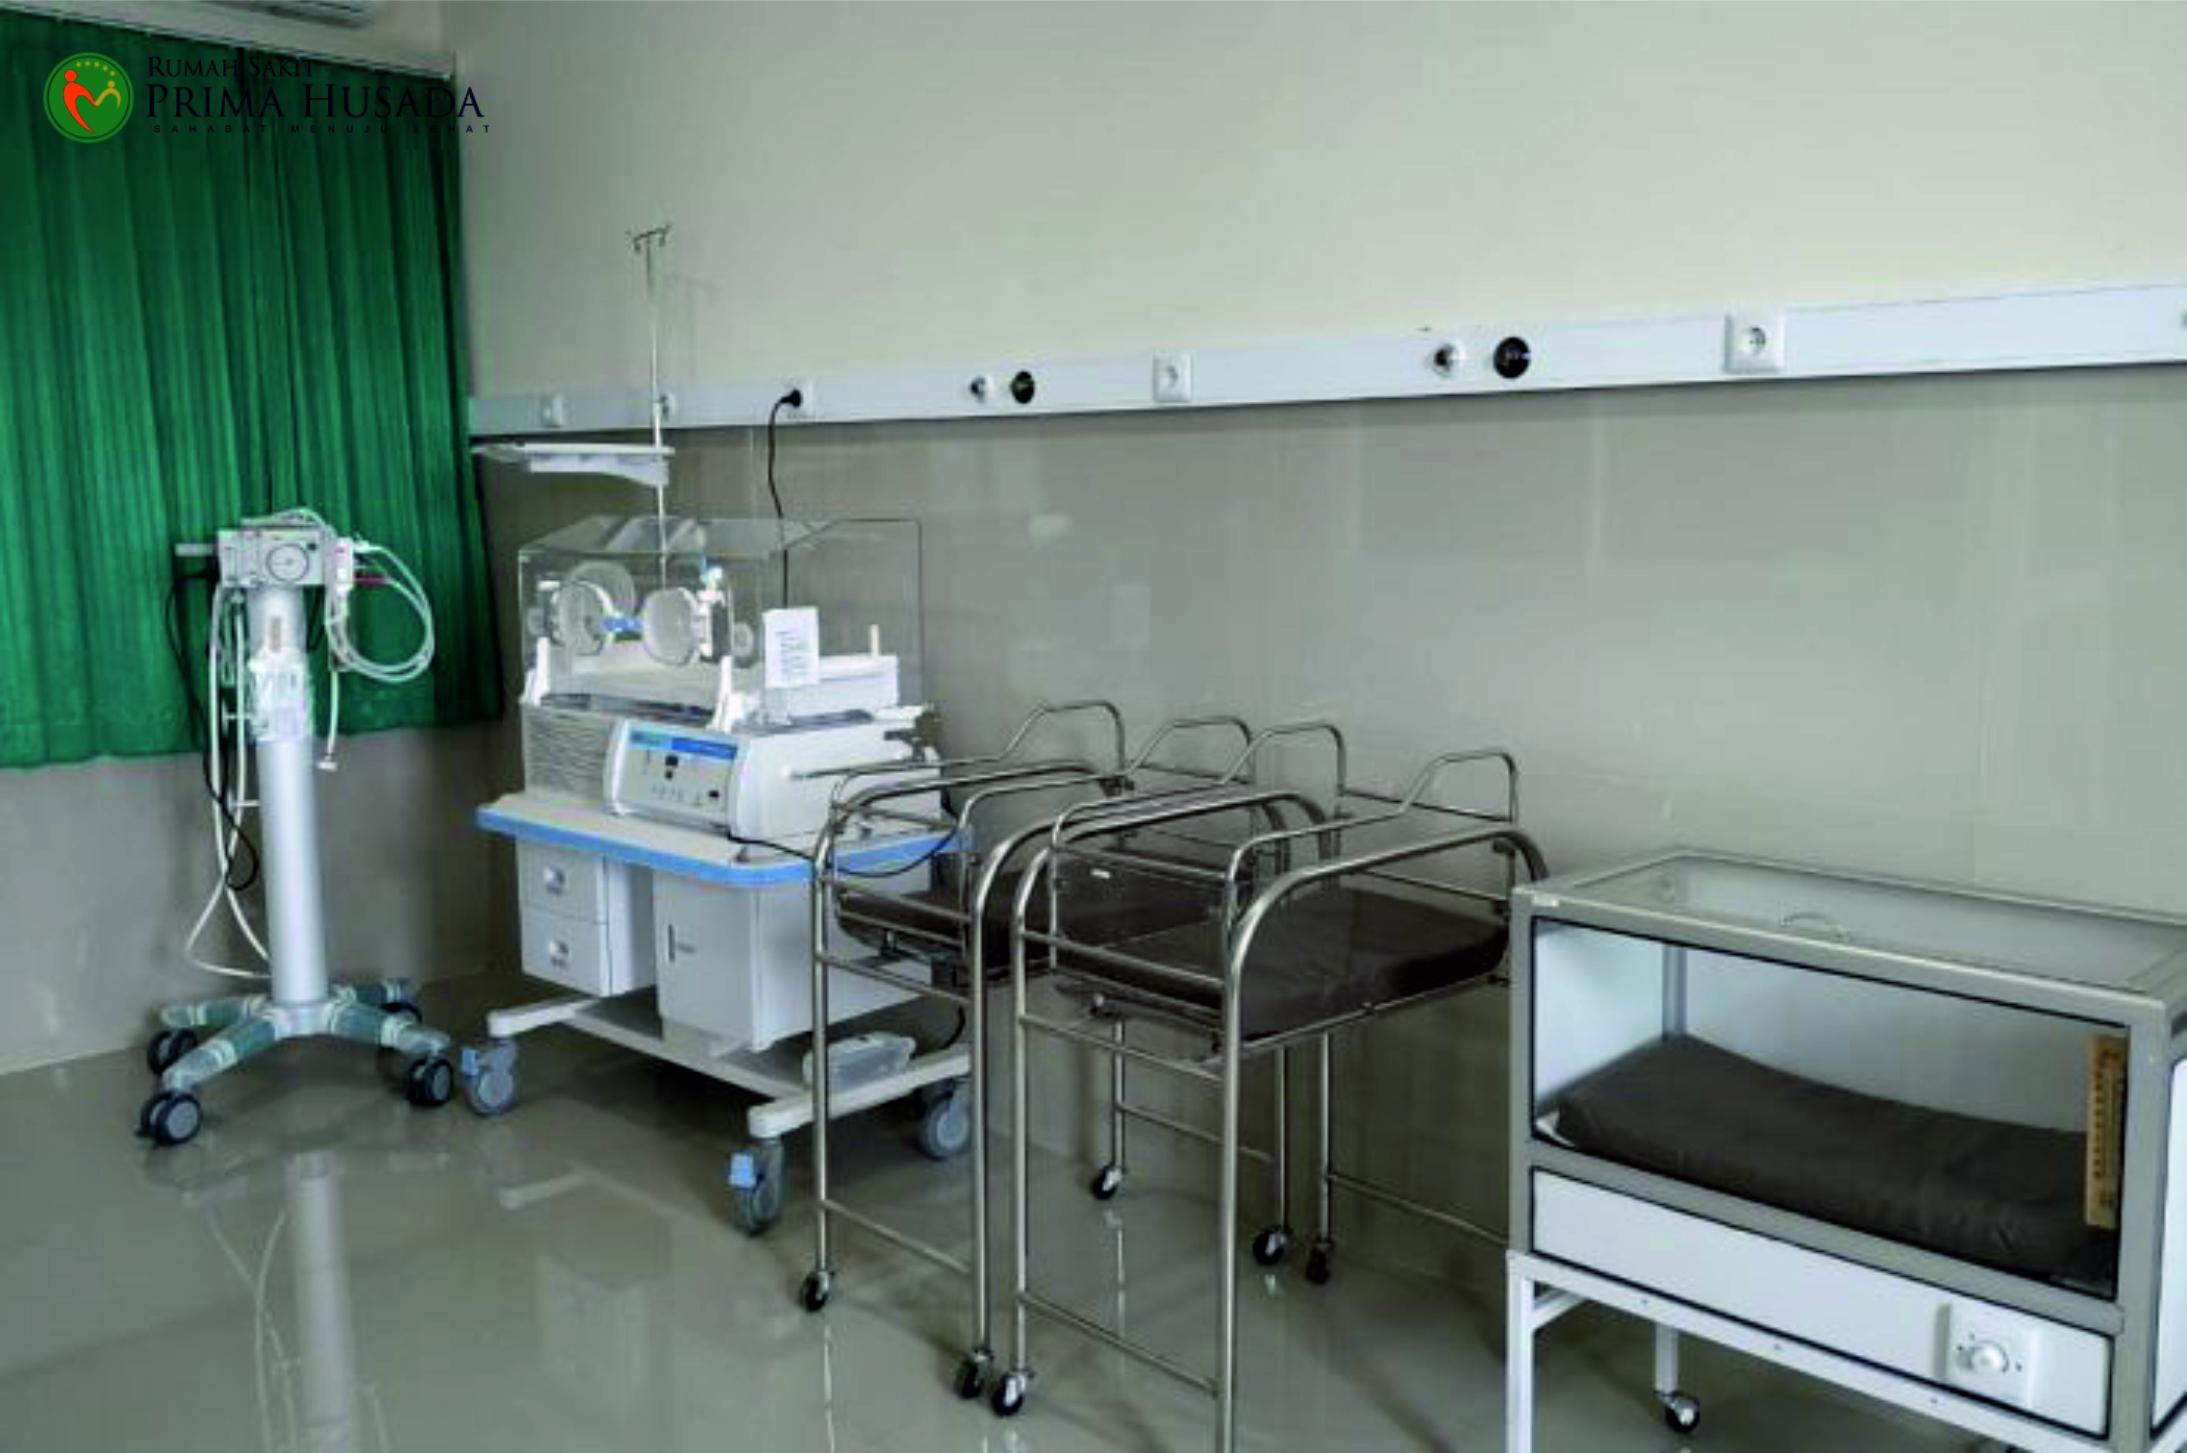 Rumah Sakit Prima Husada Sukorejo